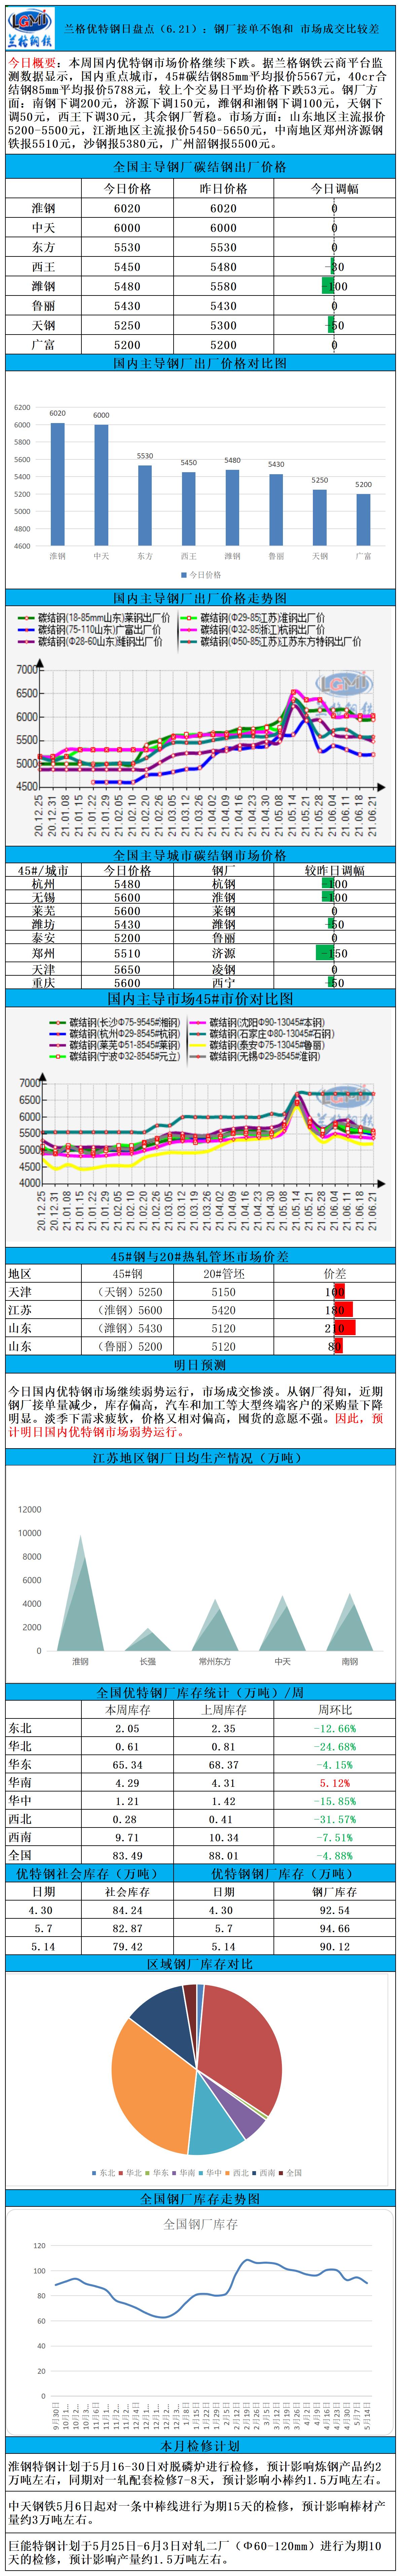 兰格优特钢日盘点(6.21):钢厂接单不饱和 市场成交比较差